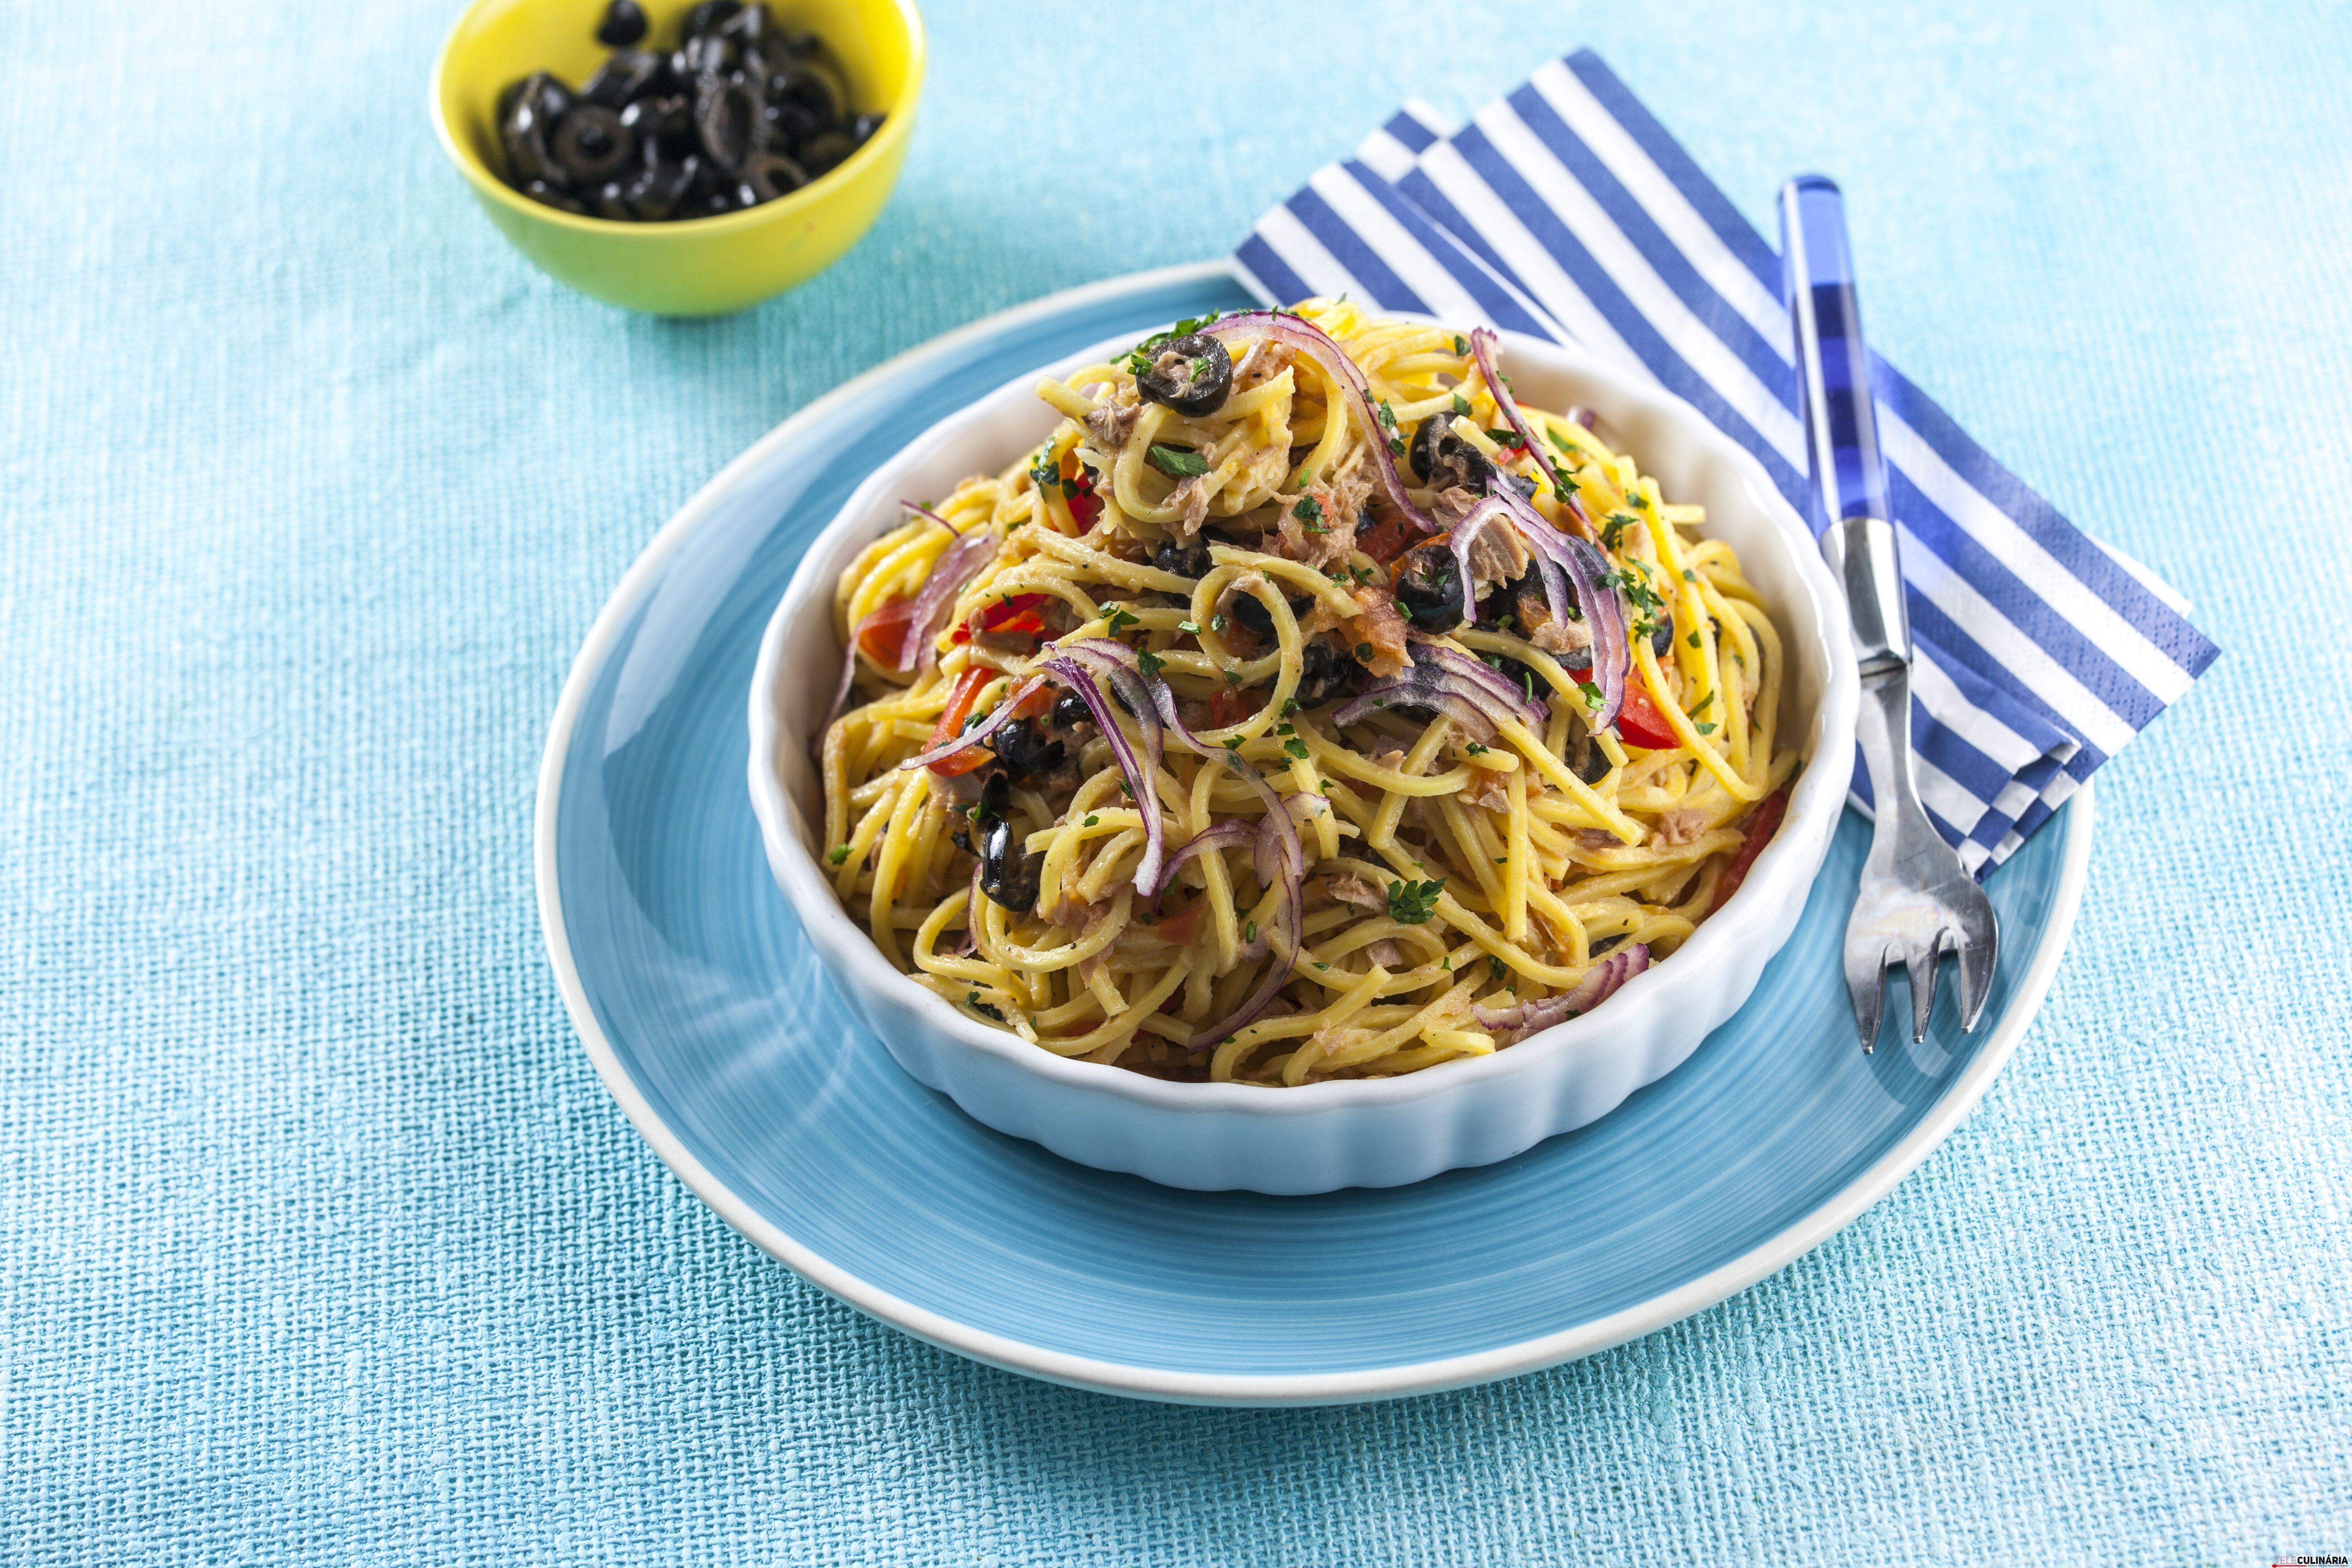 Esparguete de atum com azeitonas CHAA 9